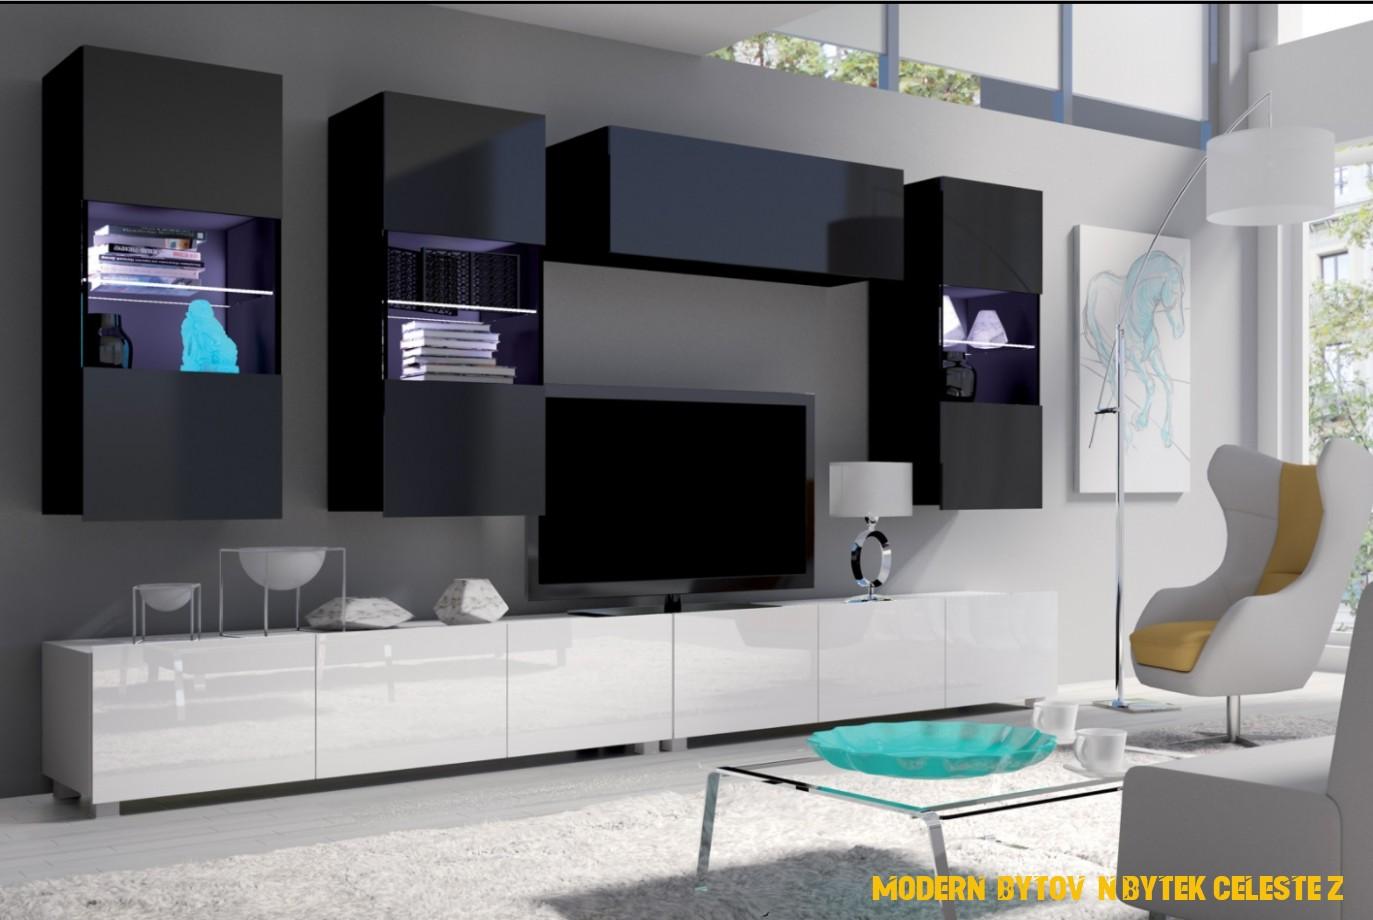 Moderní bytový nábytek Celeste P - inspirace a fotogalerie | dekoreo